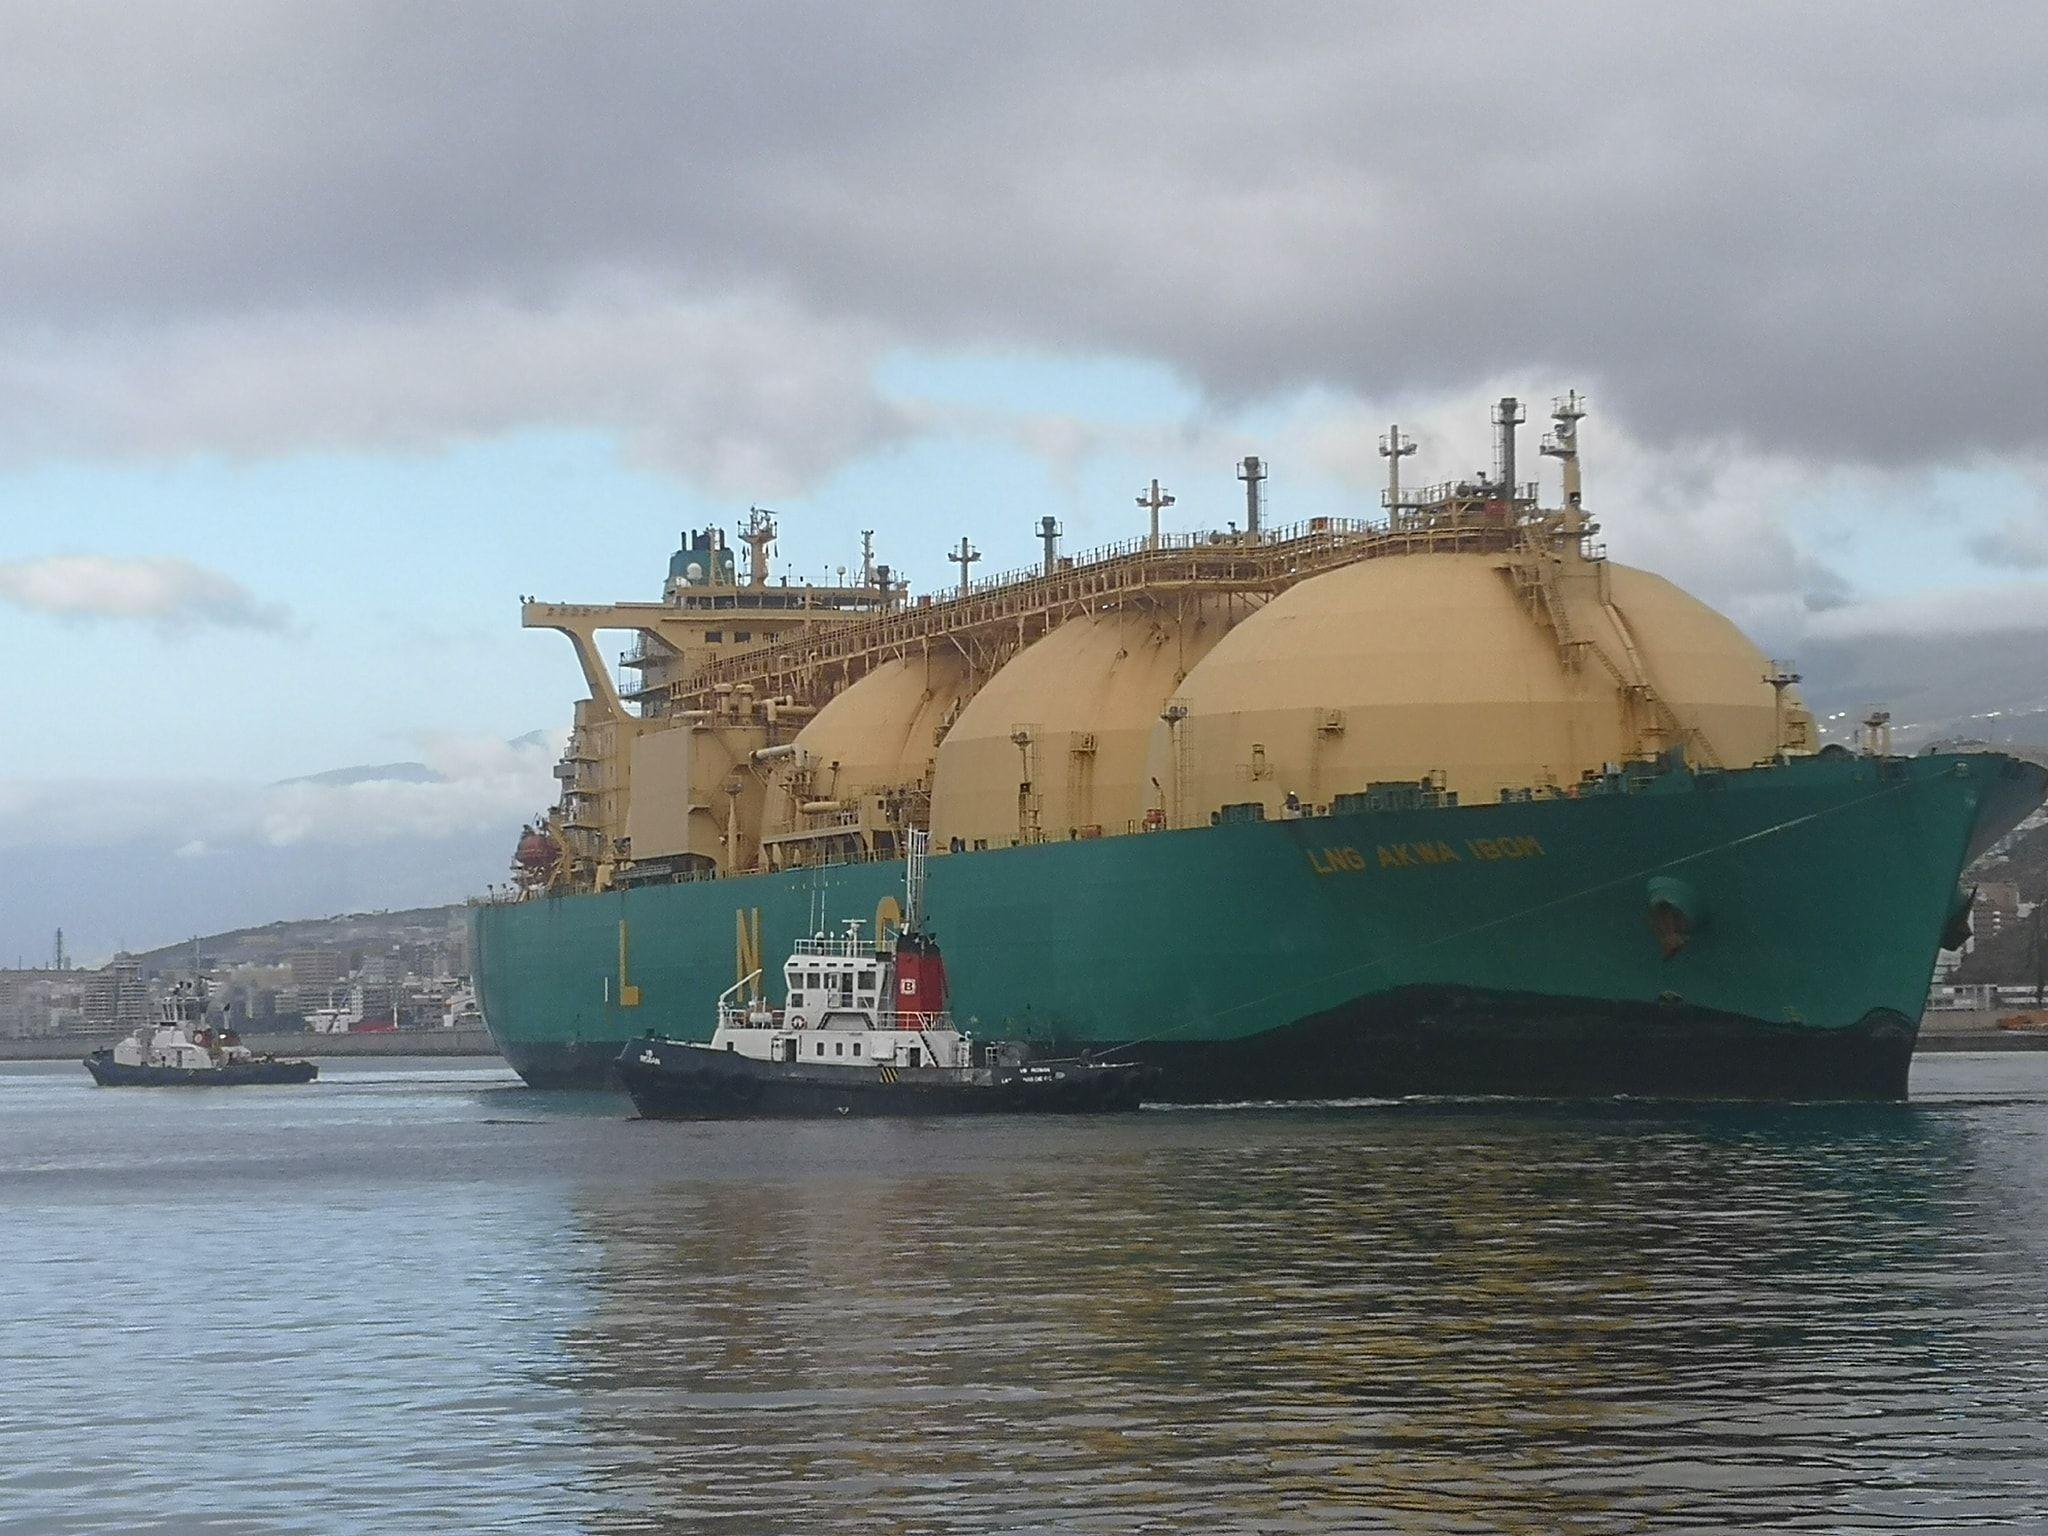 """Maniobra del buque """"LNG Akwa Ibom"""" (3 de mayo de 2019)"""